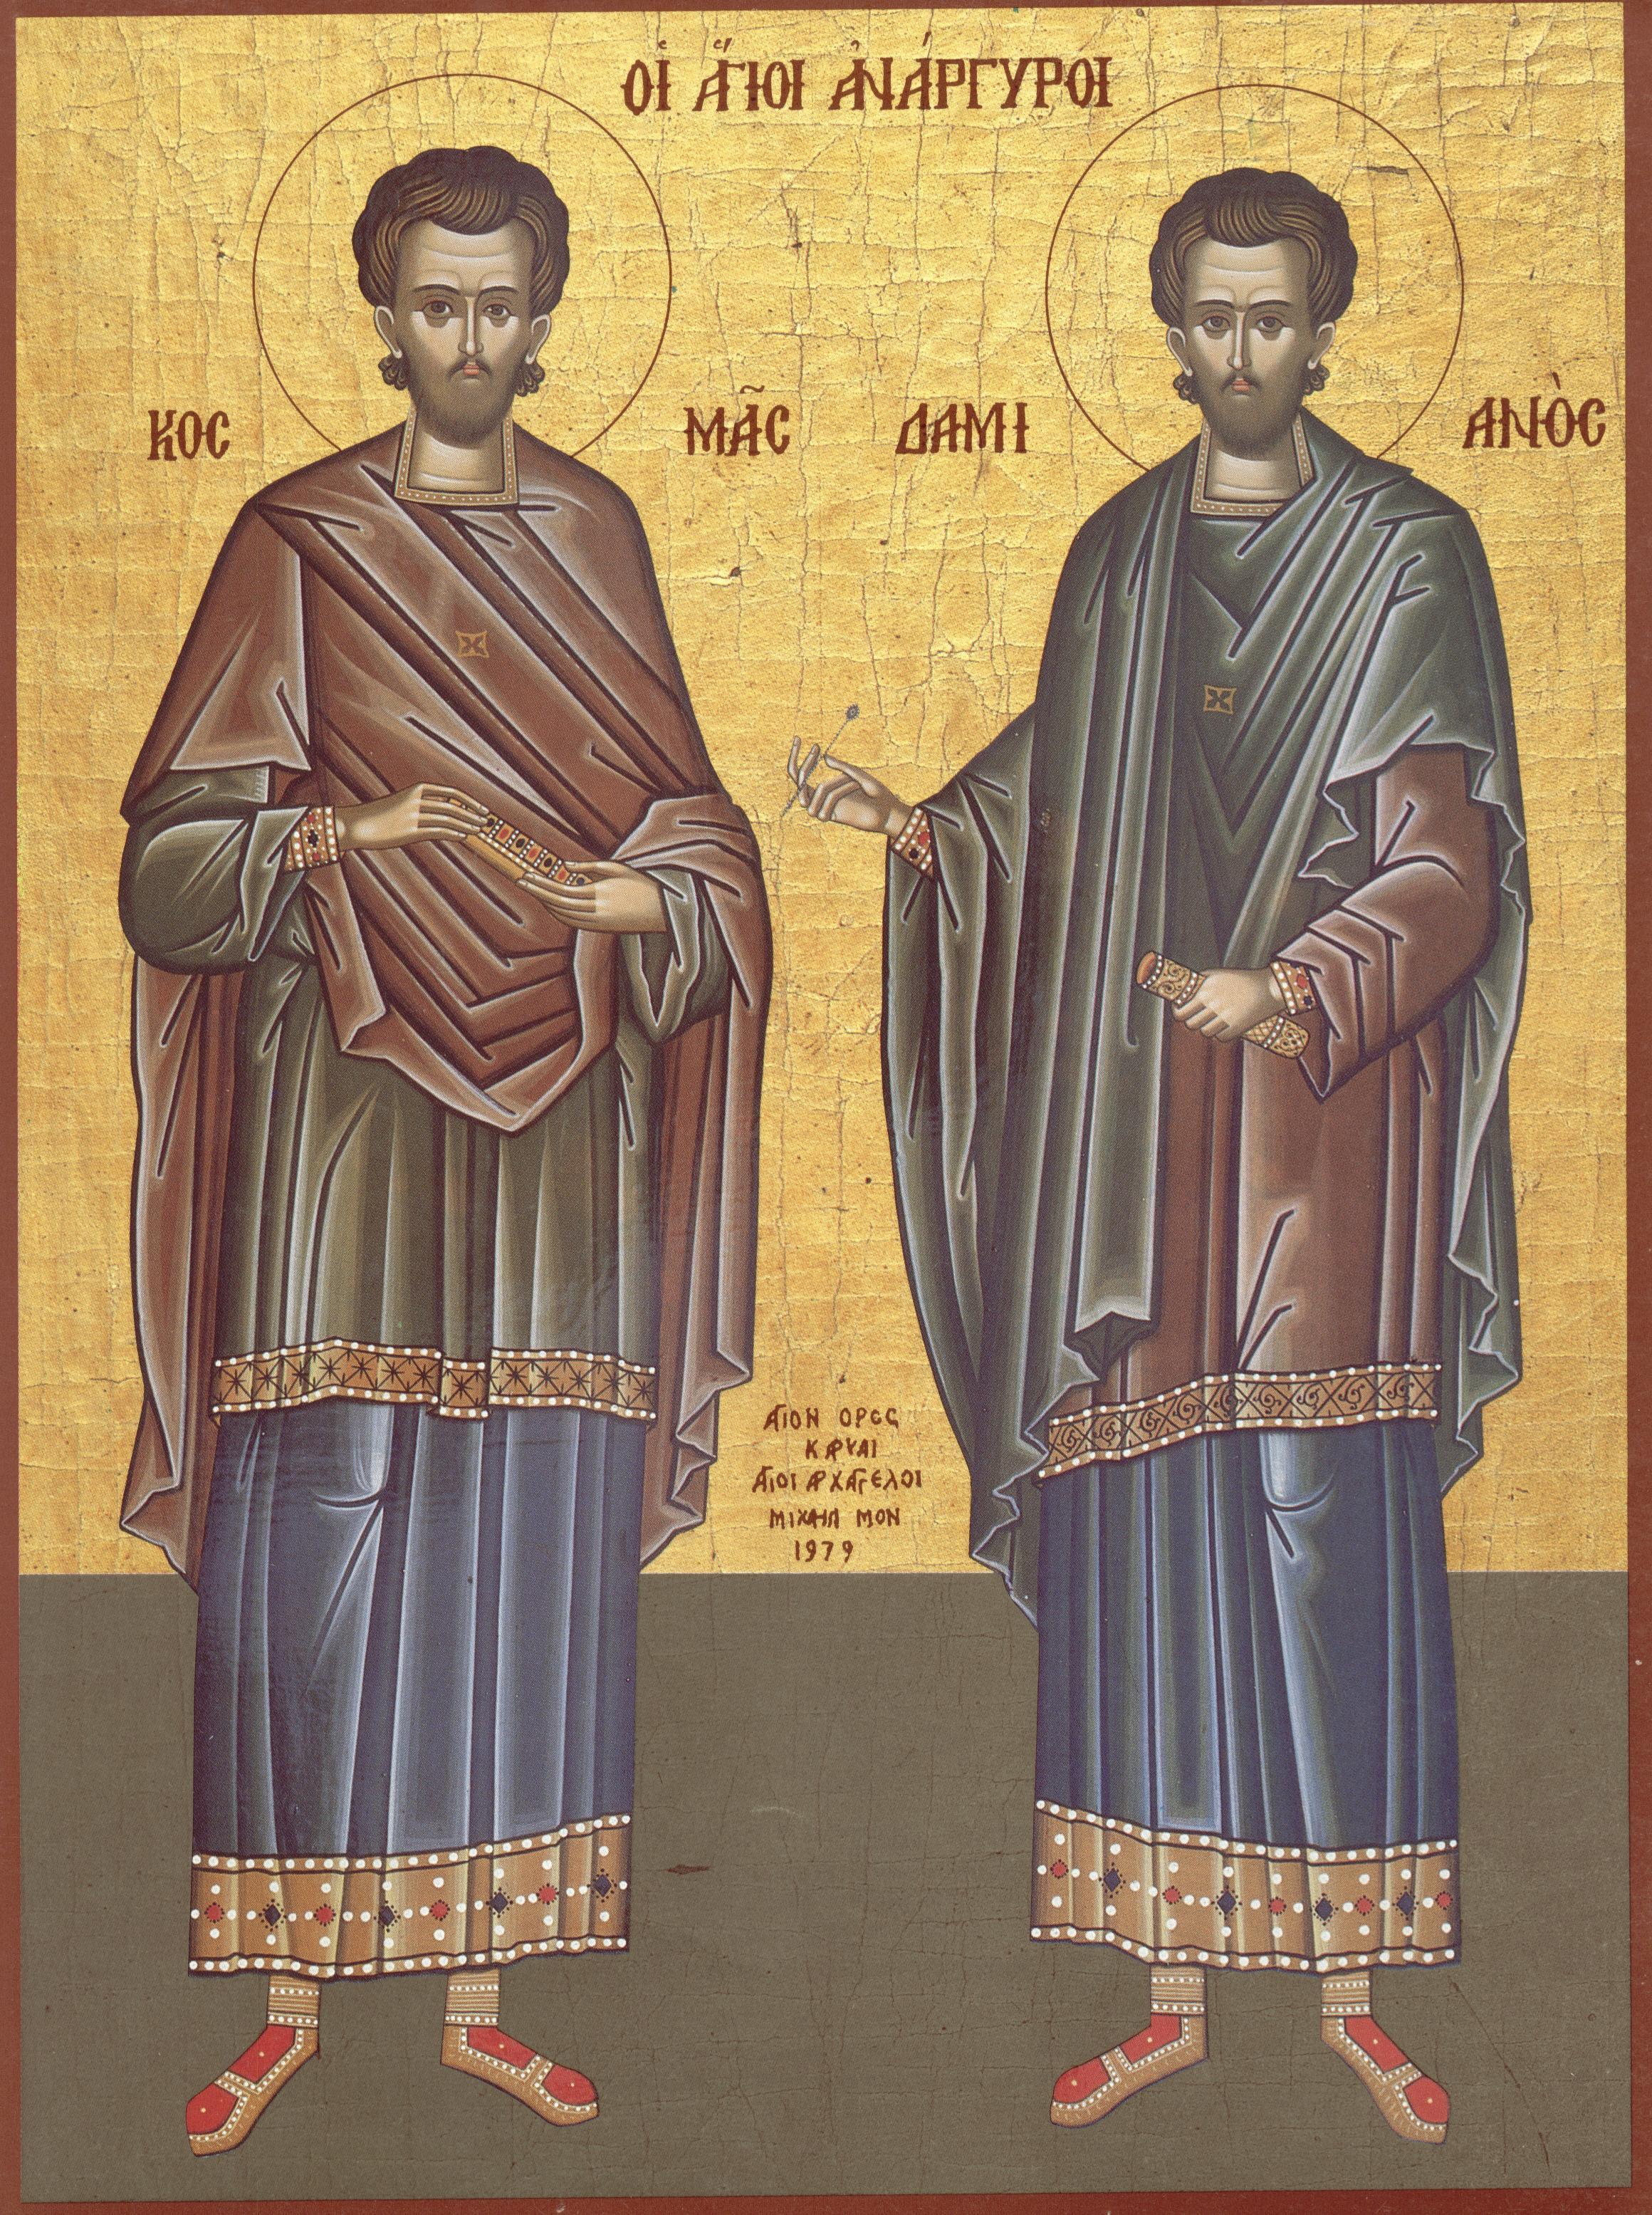 saint_Cosma-and-Damian_healers-and-unmercenaries-orthodox-icon